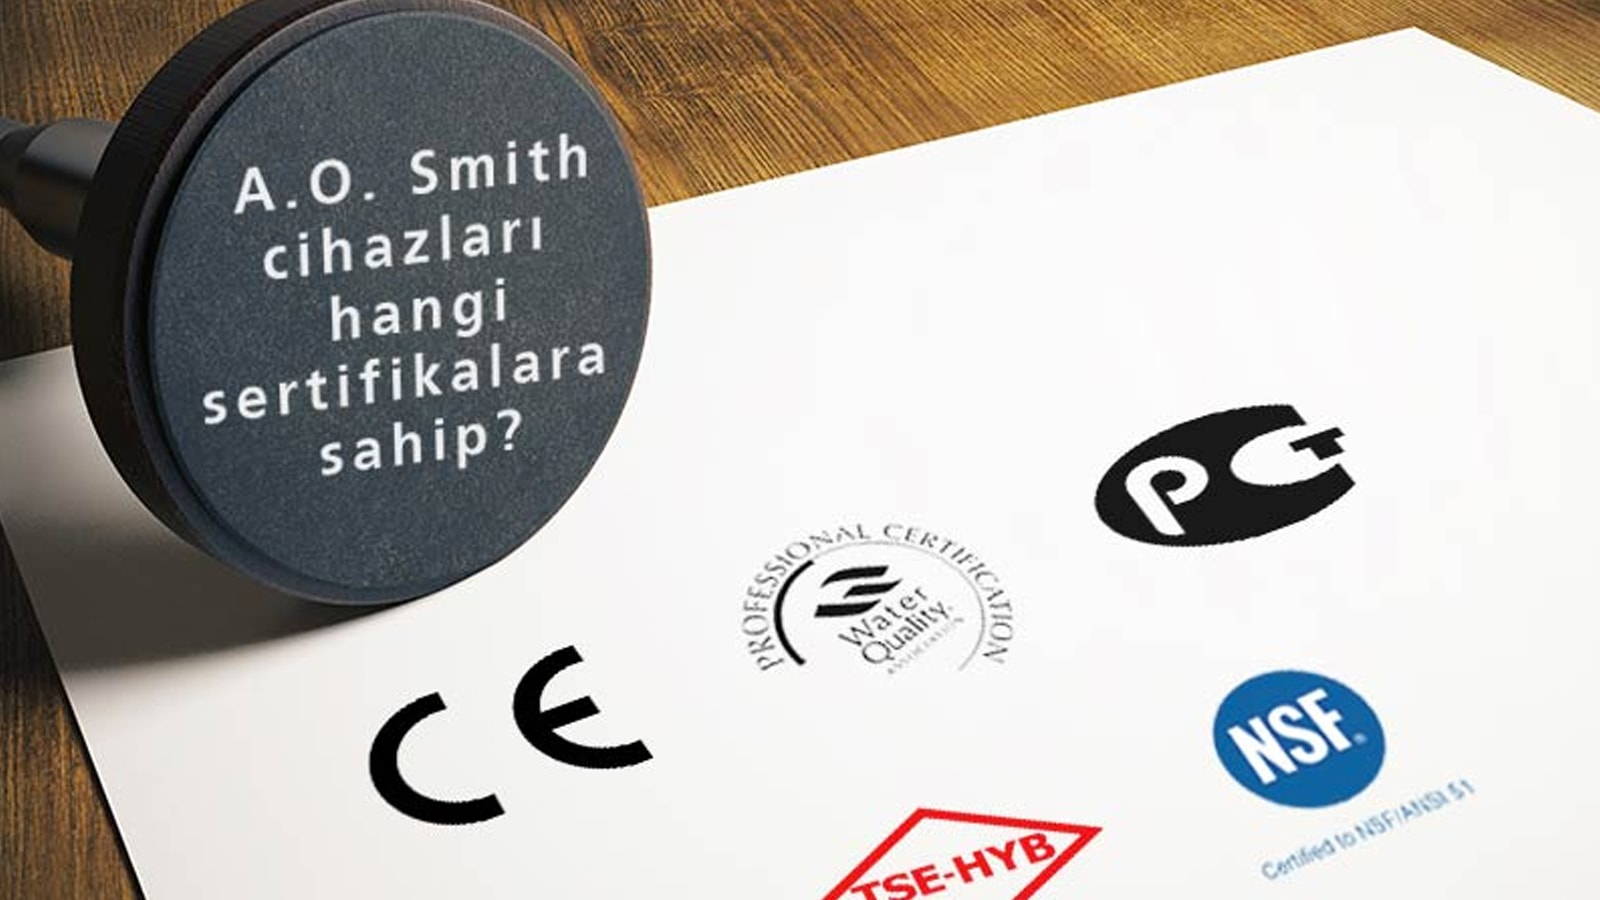 A. O. SMITH Cihazları Hangi Belge ve Sertifikalara Sahip?